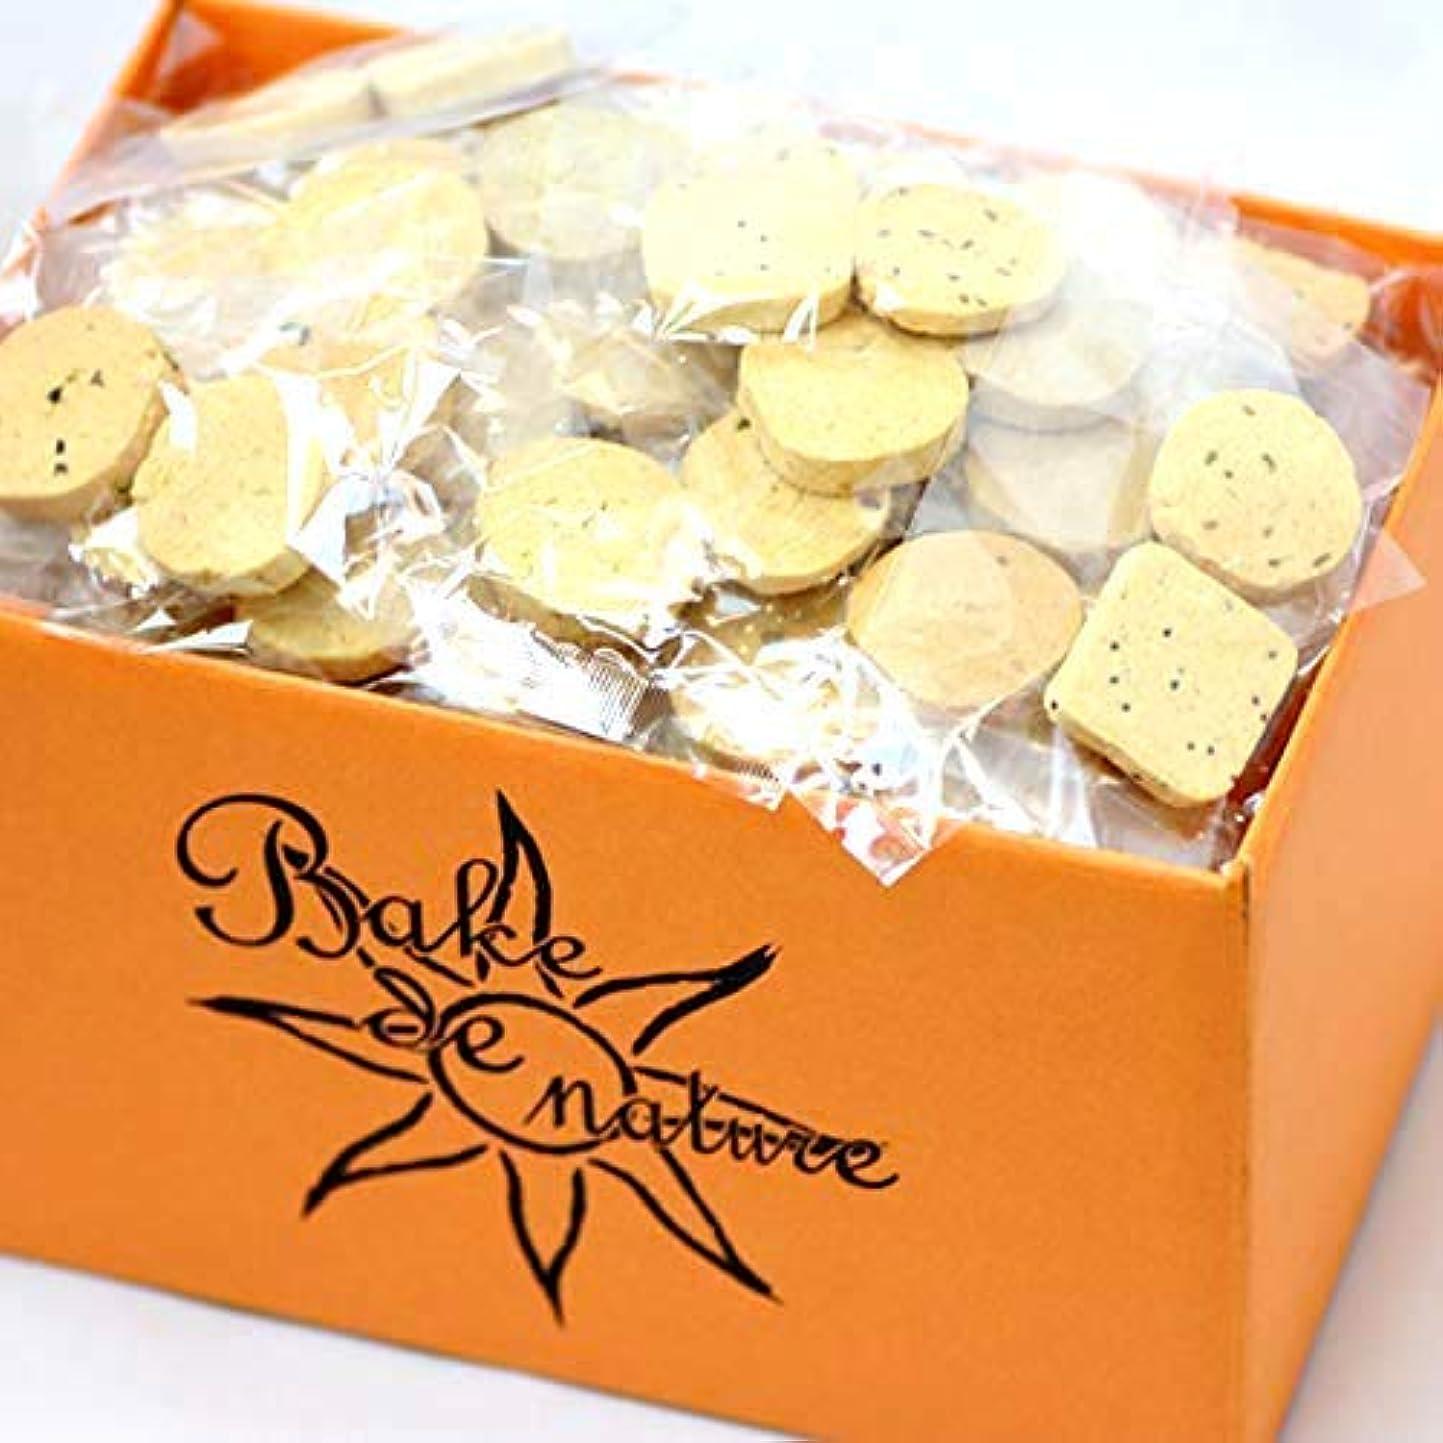 ぬるいシャックル最小化するスーパーフード豆乳おからクッキー (10種類MIX) 1袋 1kg (個包装) 小麦粉不使用のダイエットクッキー